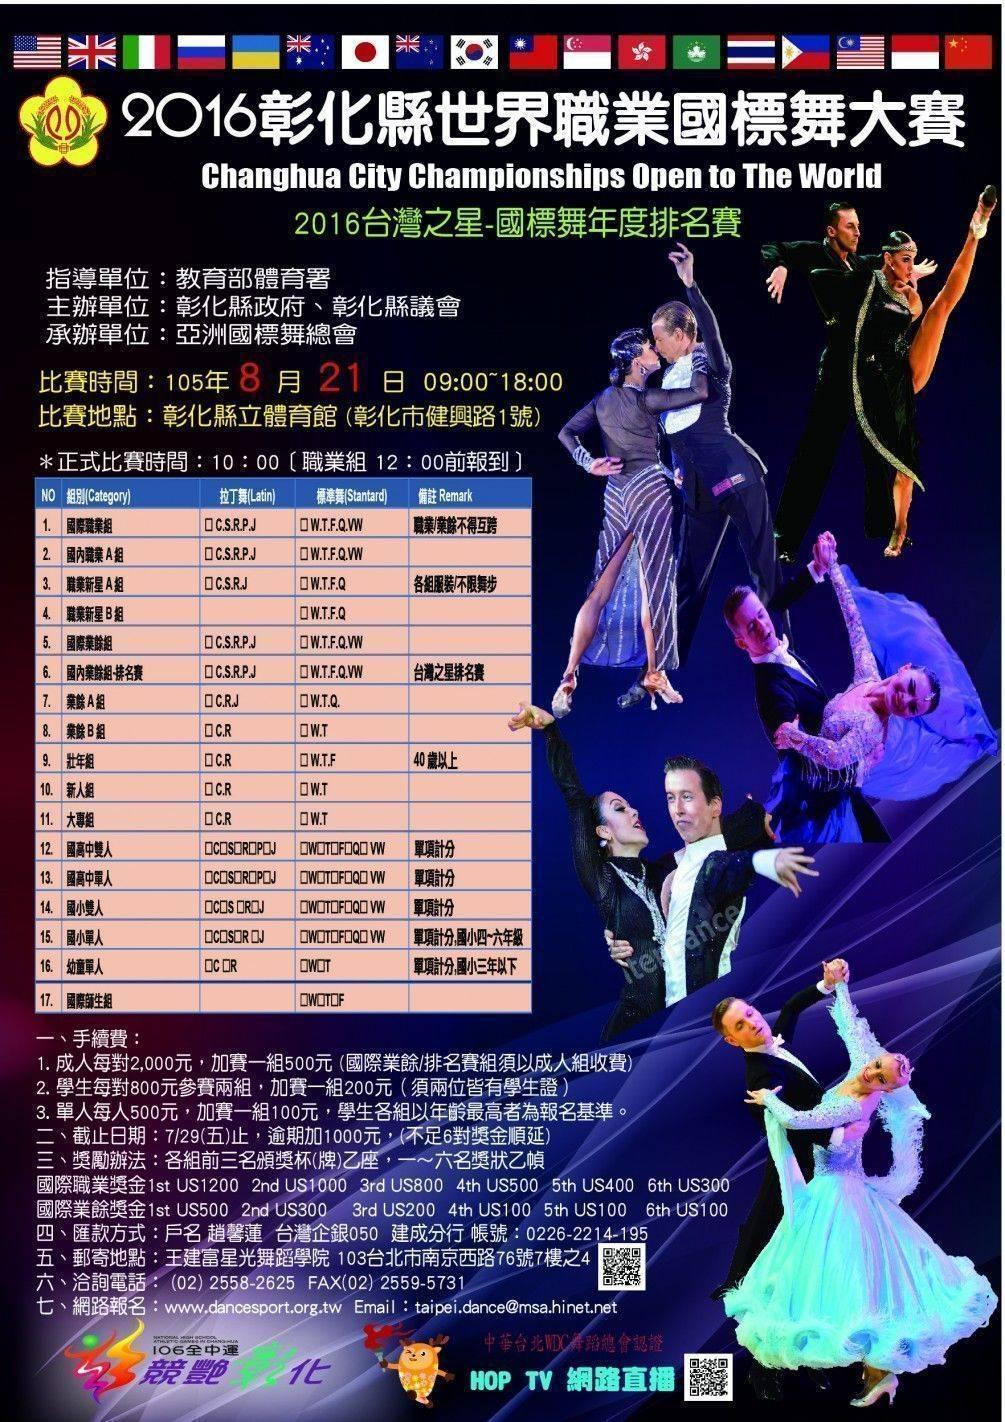 2016彰化縣世界職業國標舞大賽(7/29報名截止)